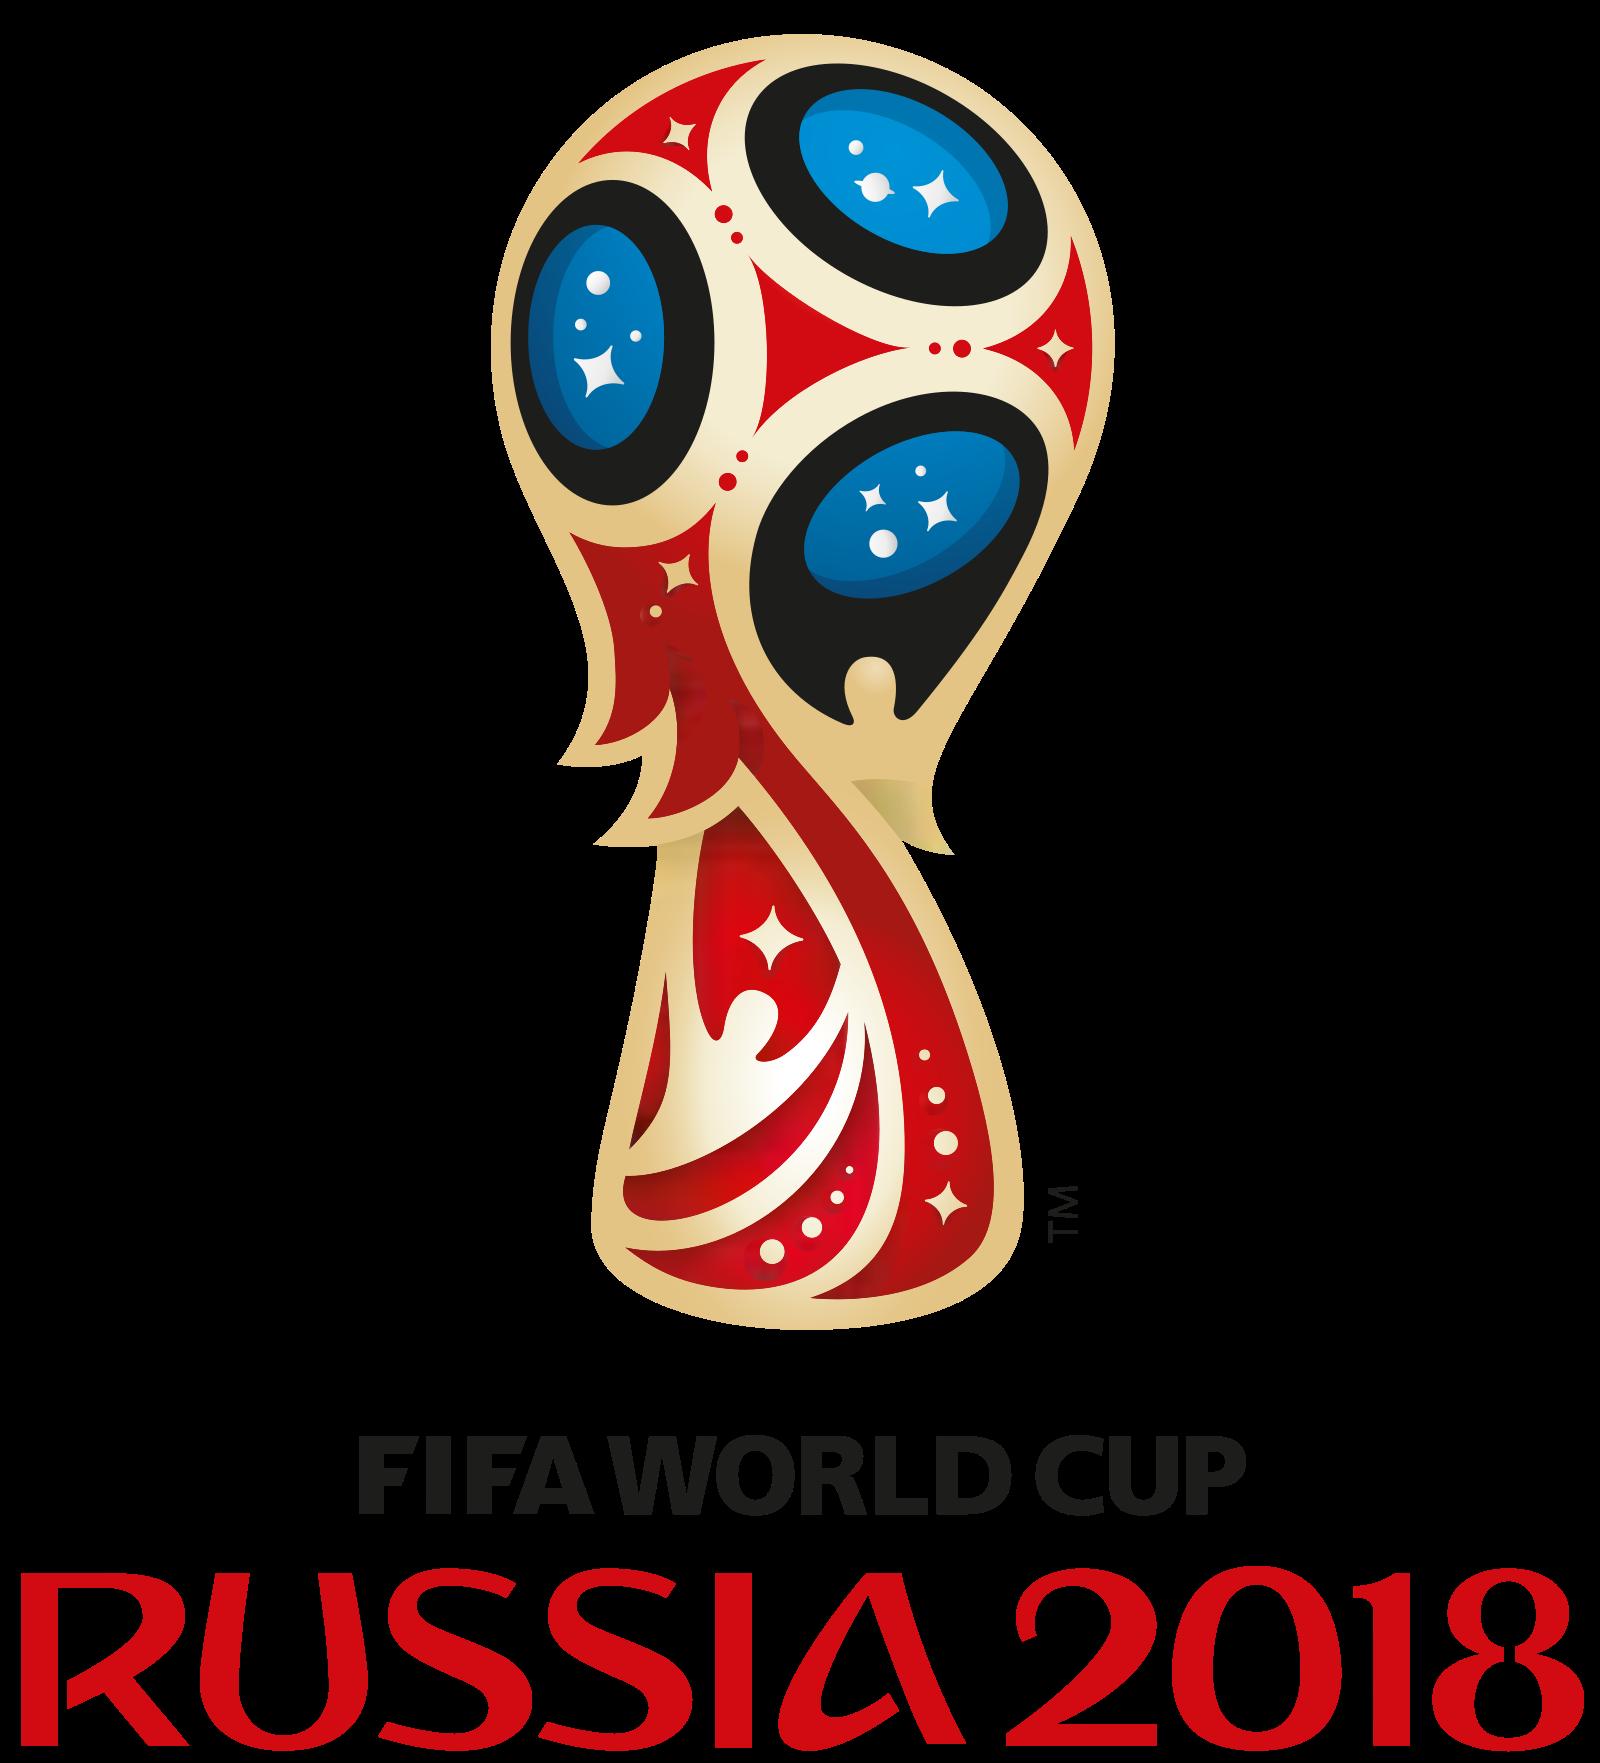 copa do mundo russia 2018 logo 2 - Copa do Mundo Rússia 2018 Logo